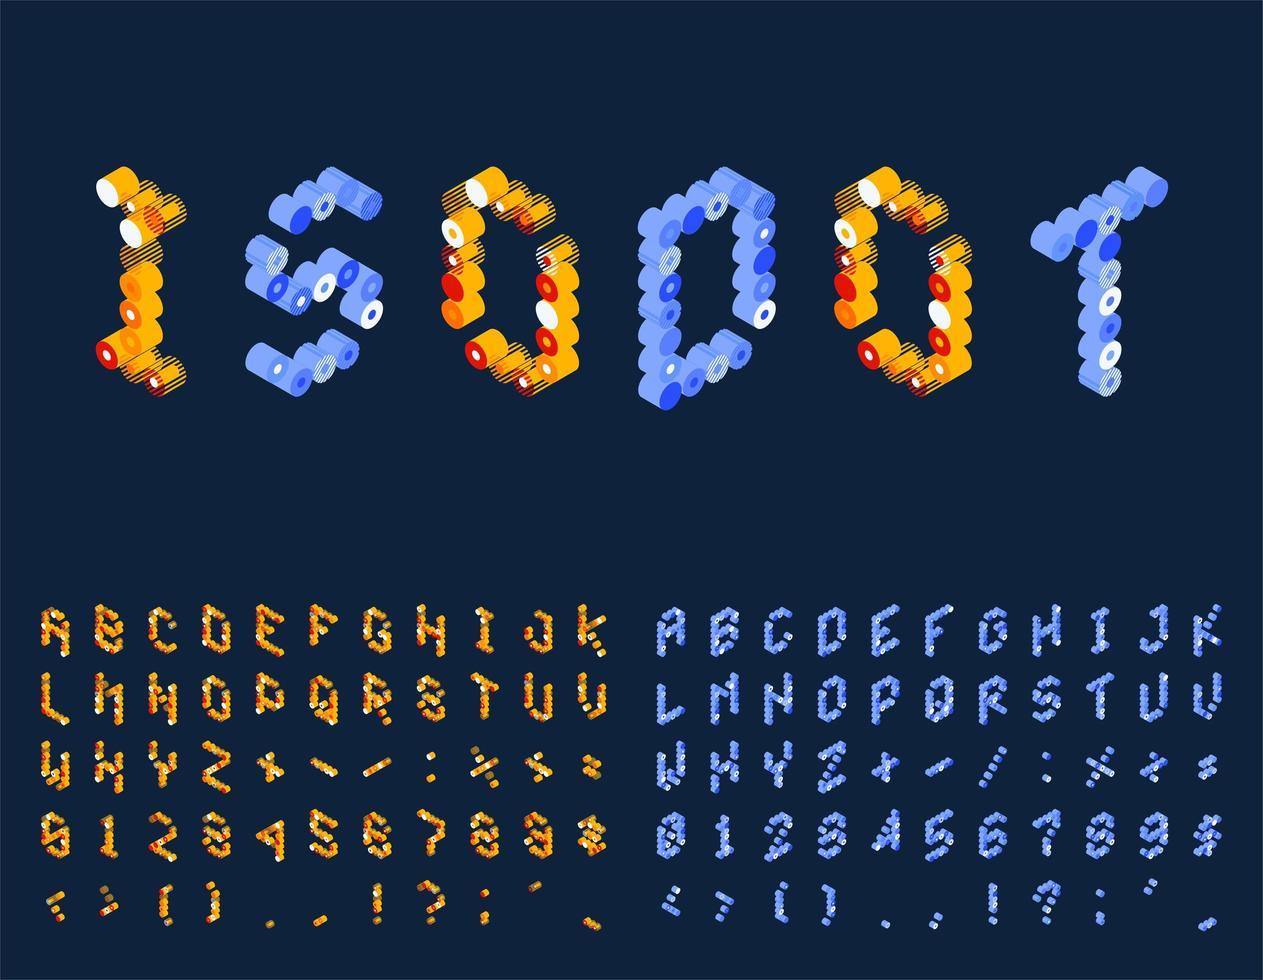 gestippelde isometrische techno lettertypeset vector